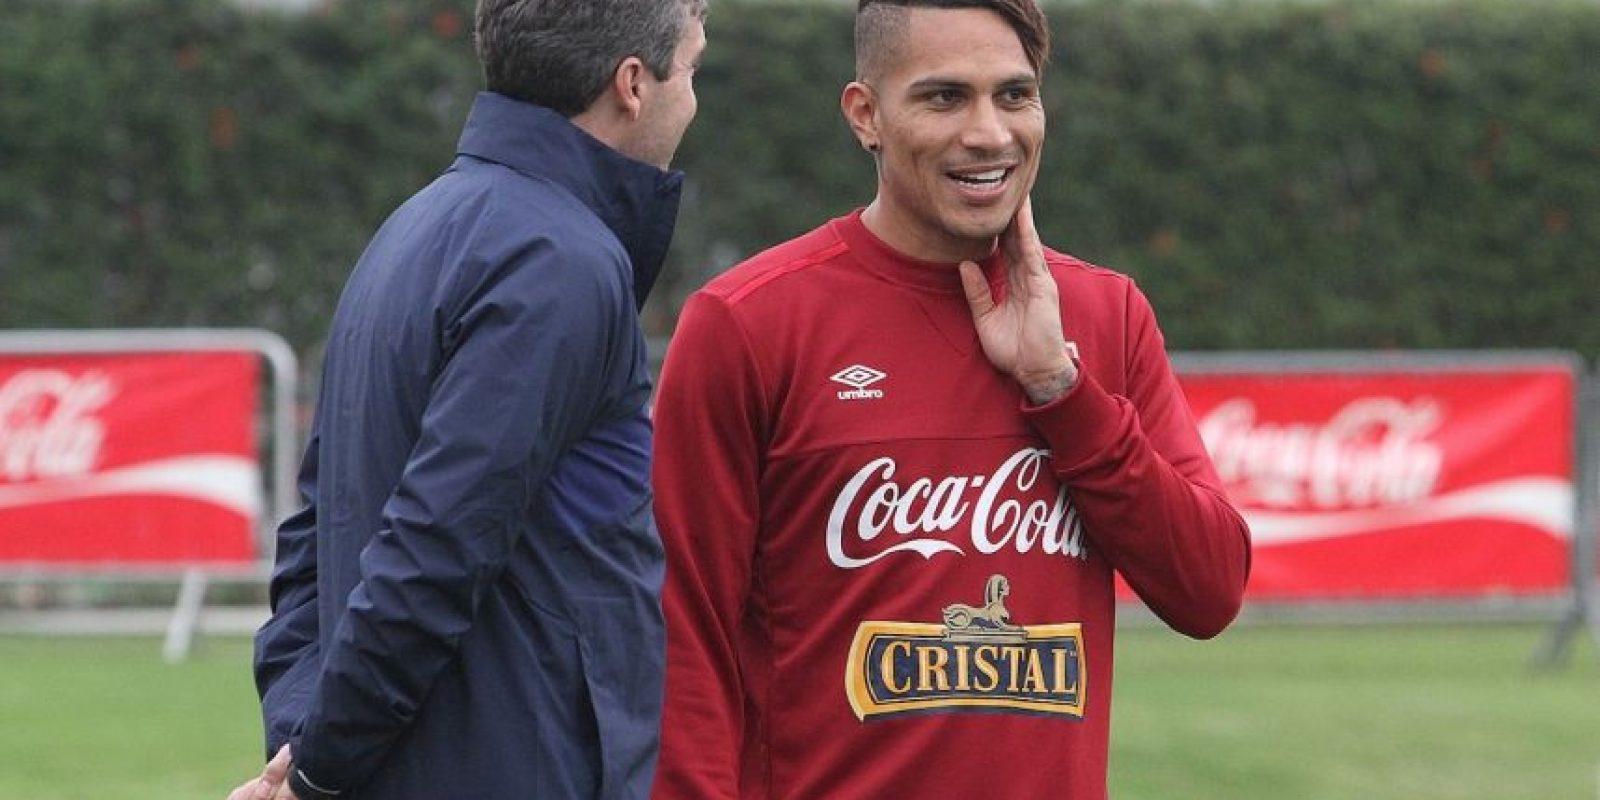 El delantero peruano lleva el corte de moda: rapado a los lados y largo arriba. Foto:Vía facebook.com/federacionperuanadefutbol